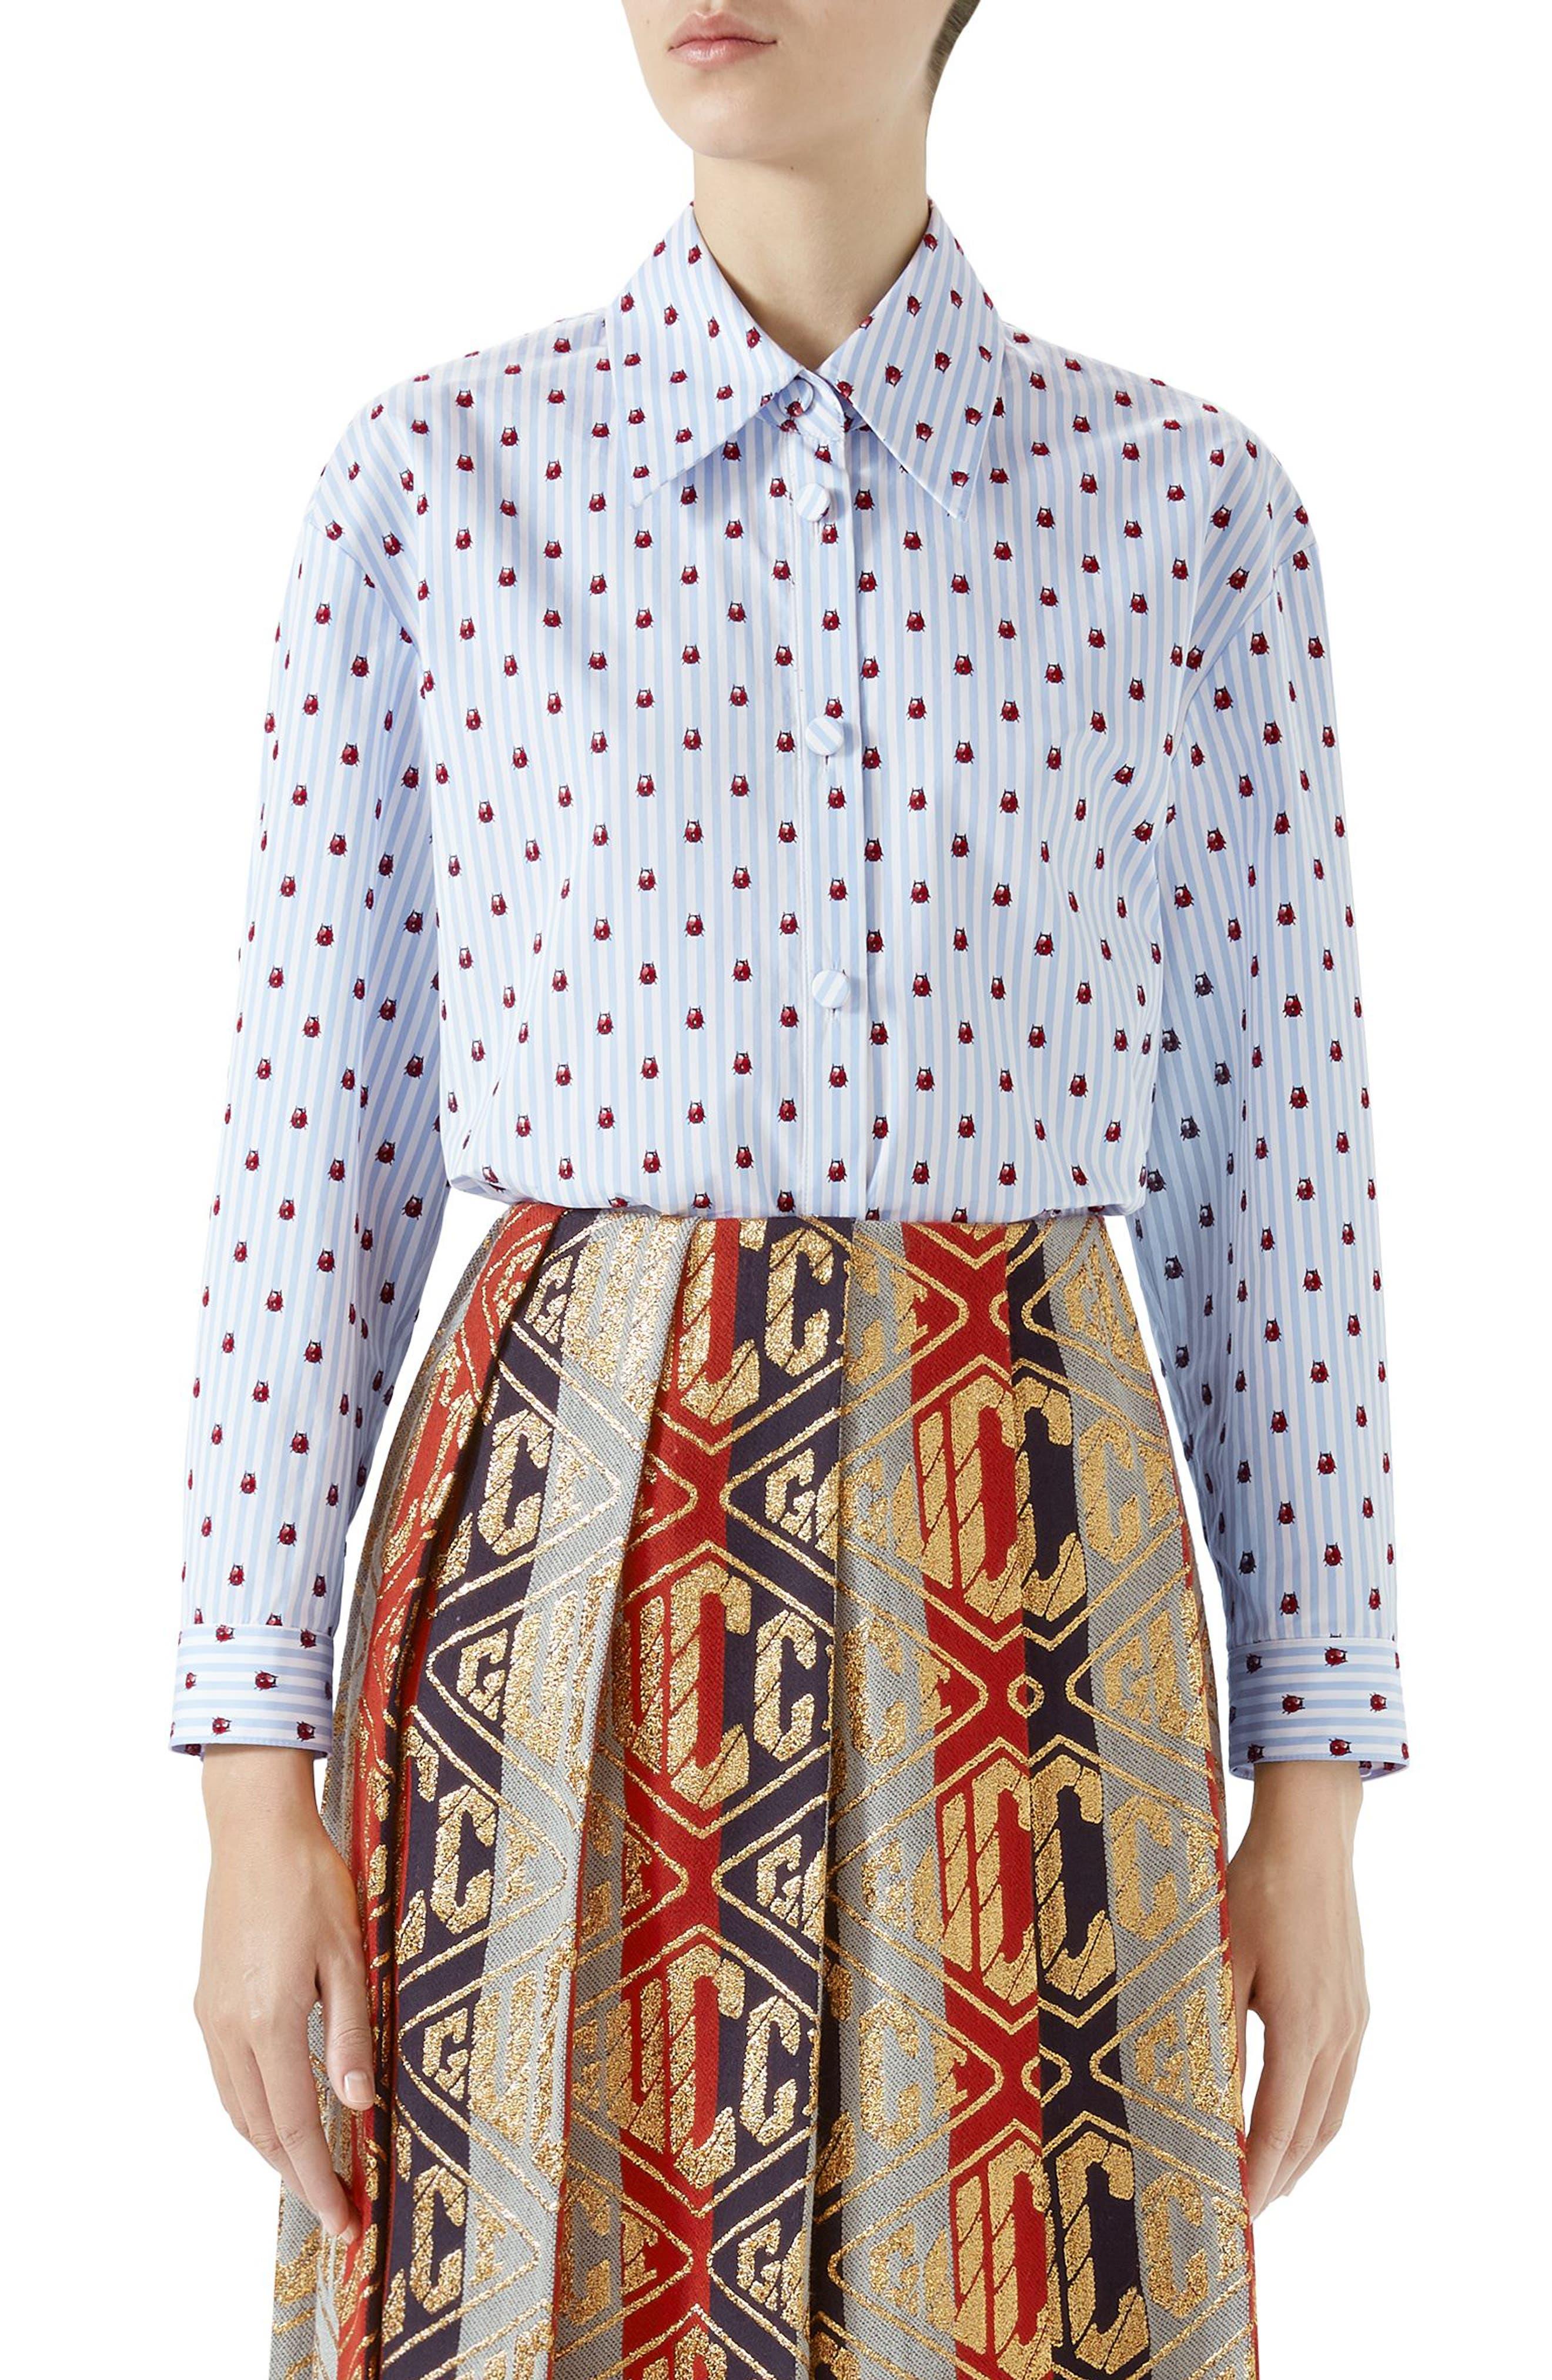 Ladybug Print Poplin Shirt,                         Main,                         color, Red Print